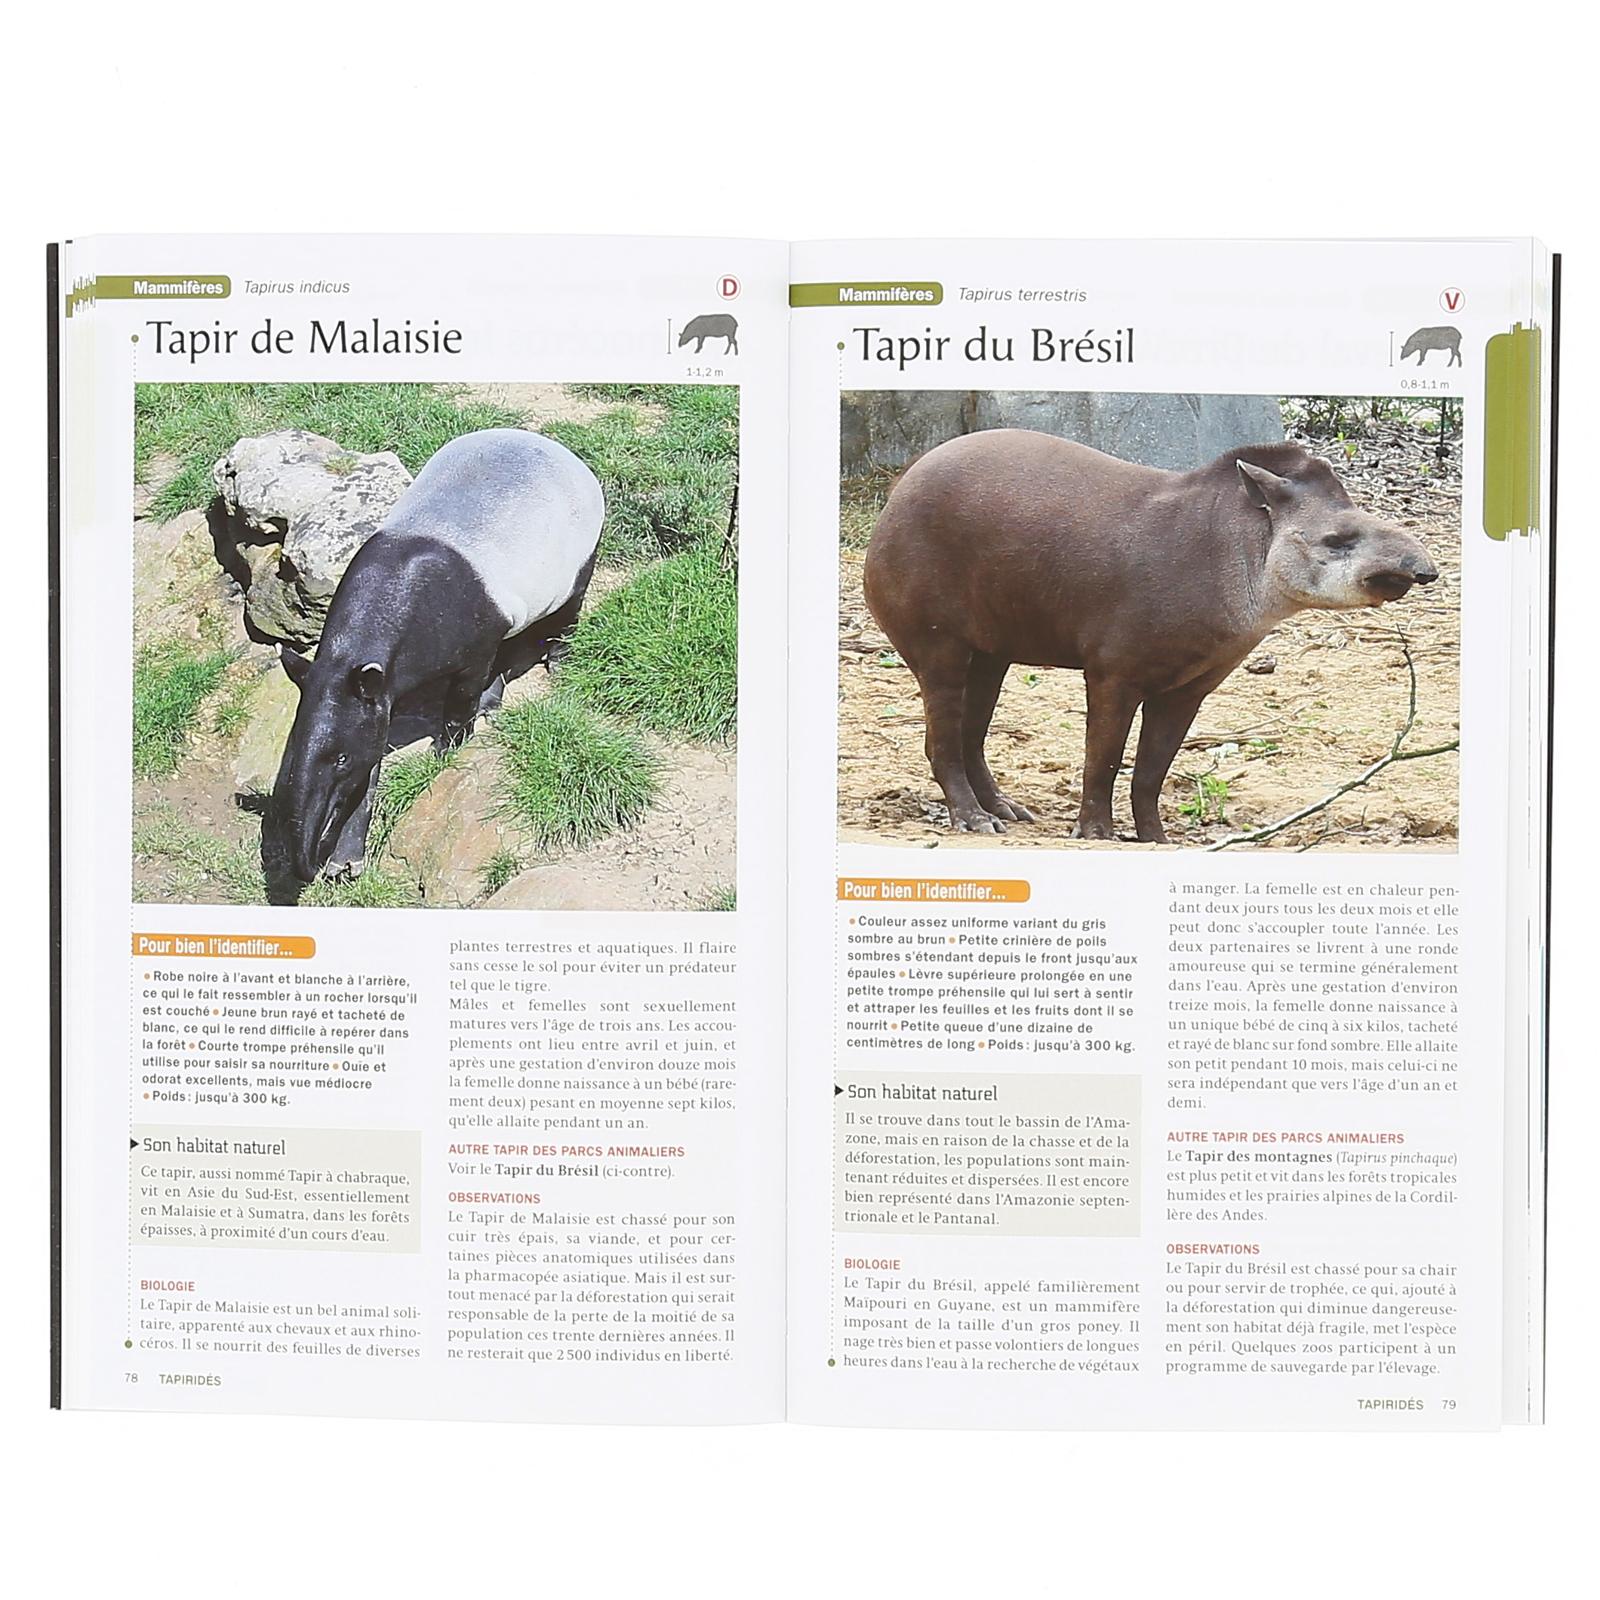 Coloriage Bebe Tapir.Guide Des Animaux Parcs Animaliers Nature Decouvertes